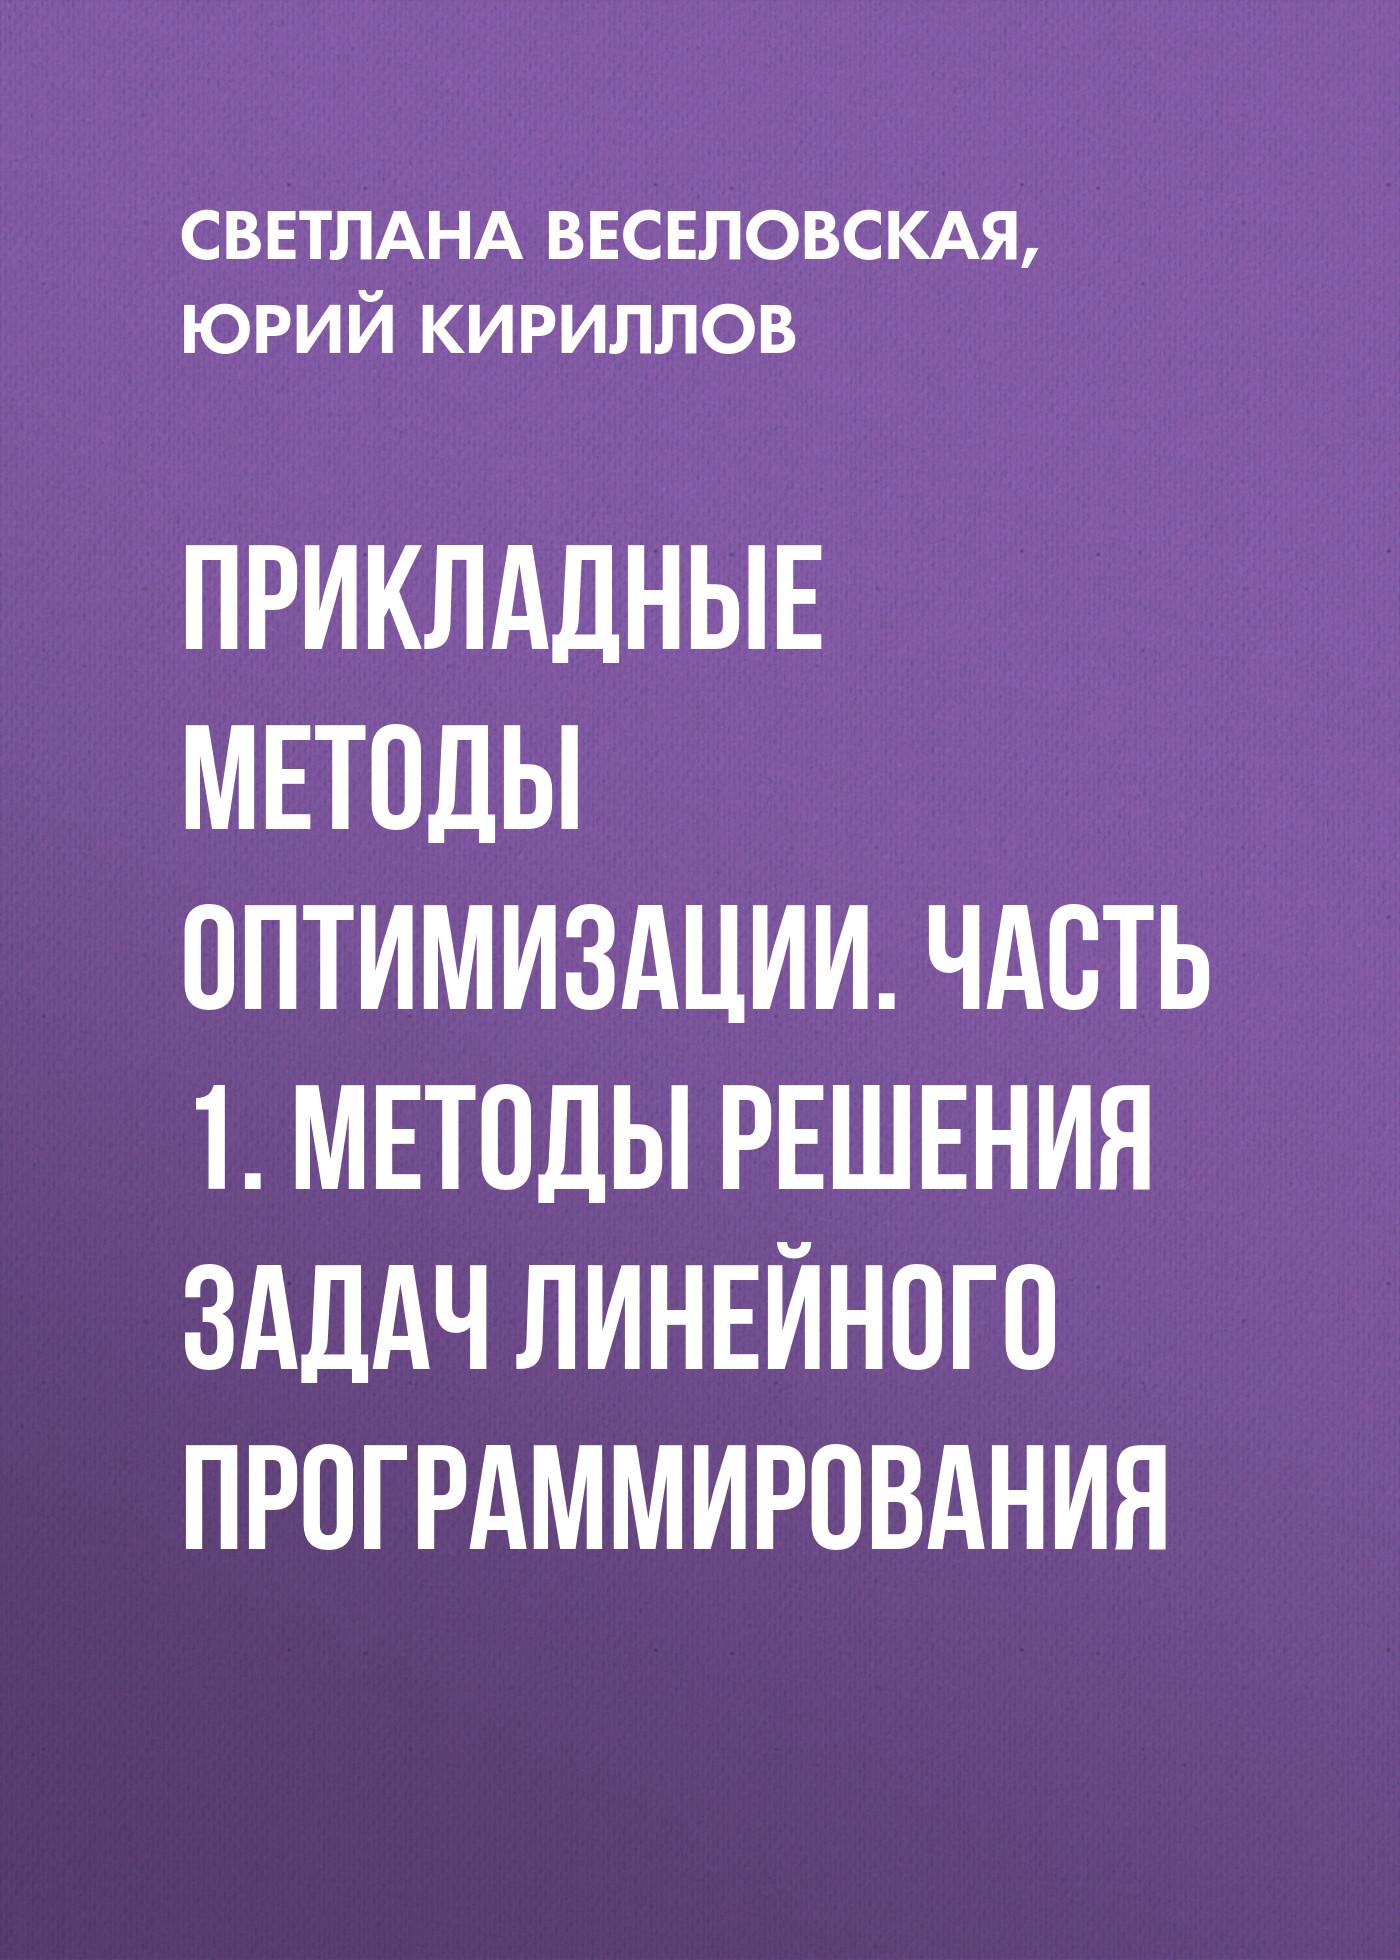 Юрий Кириллов Прикладные методы оптимизации. Часть 1. Методы решения задач линейного программирования цена